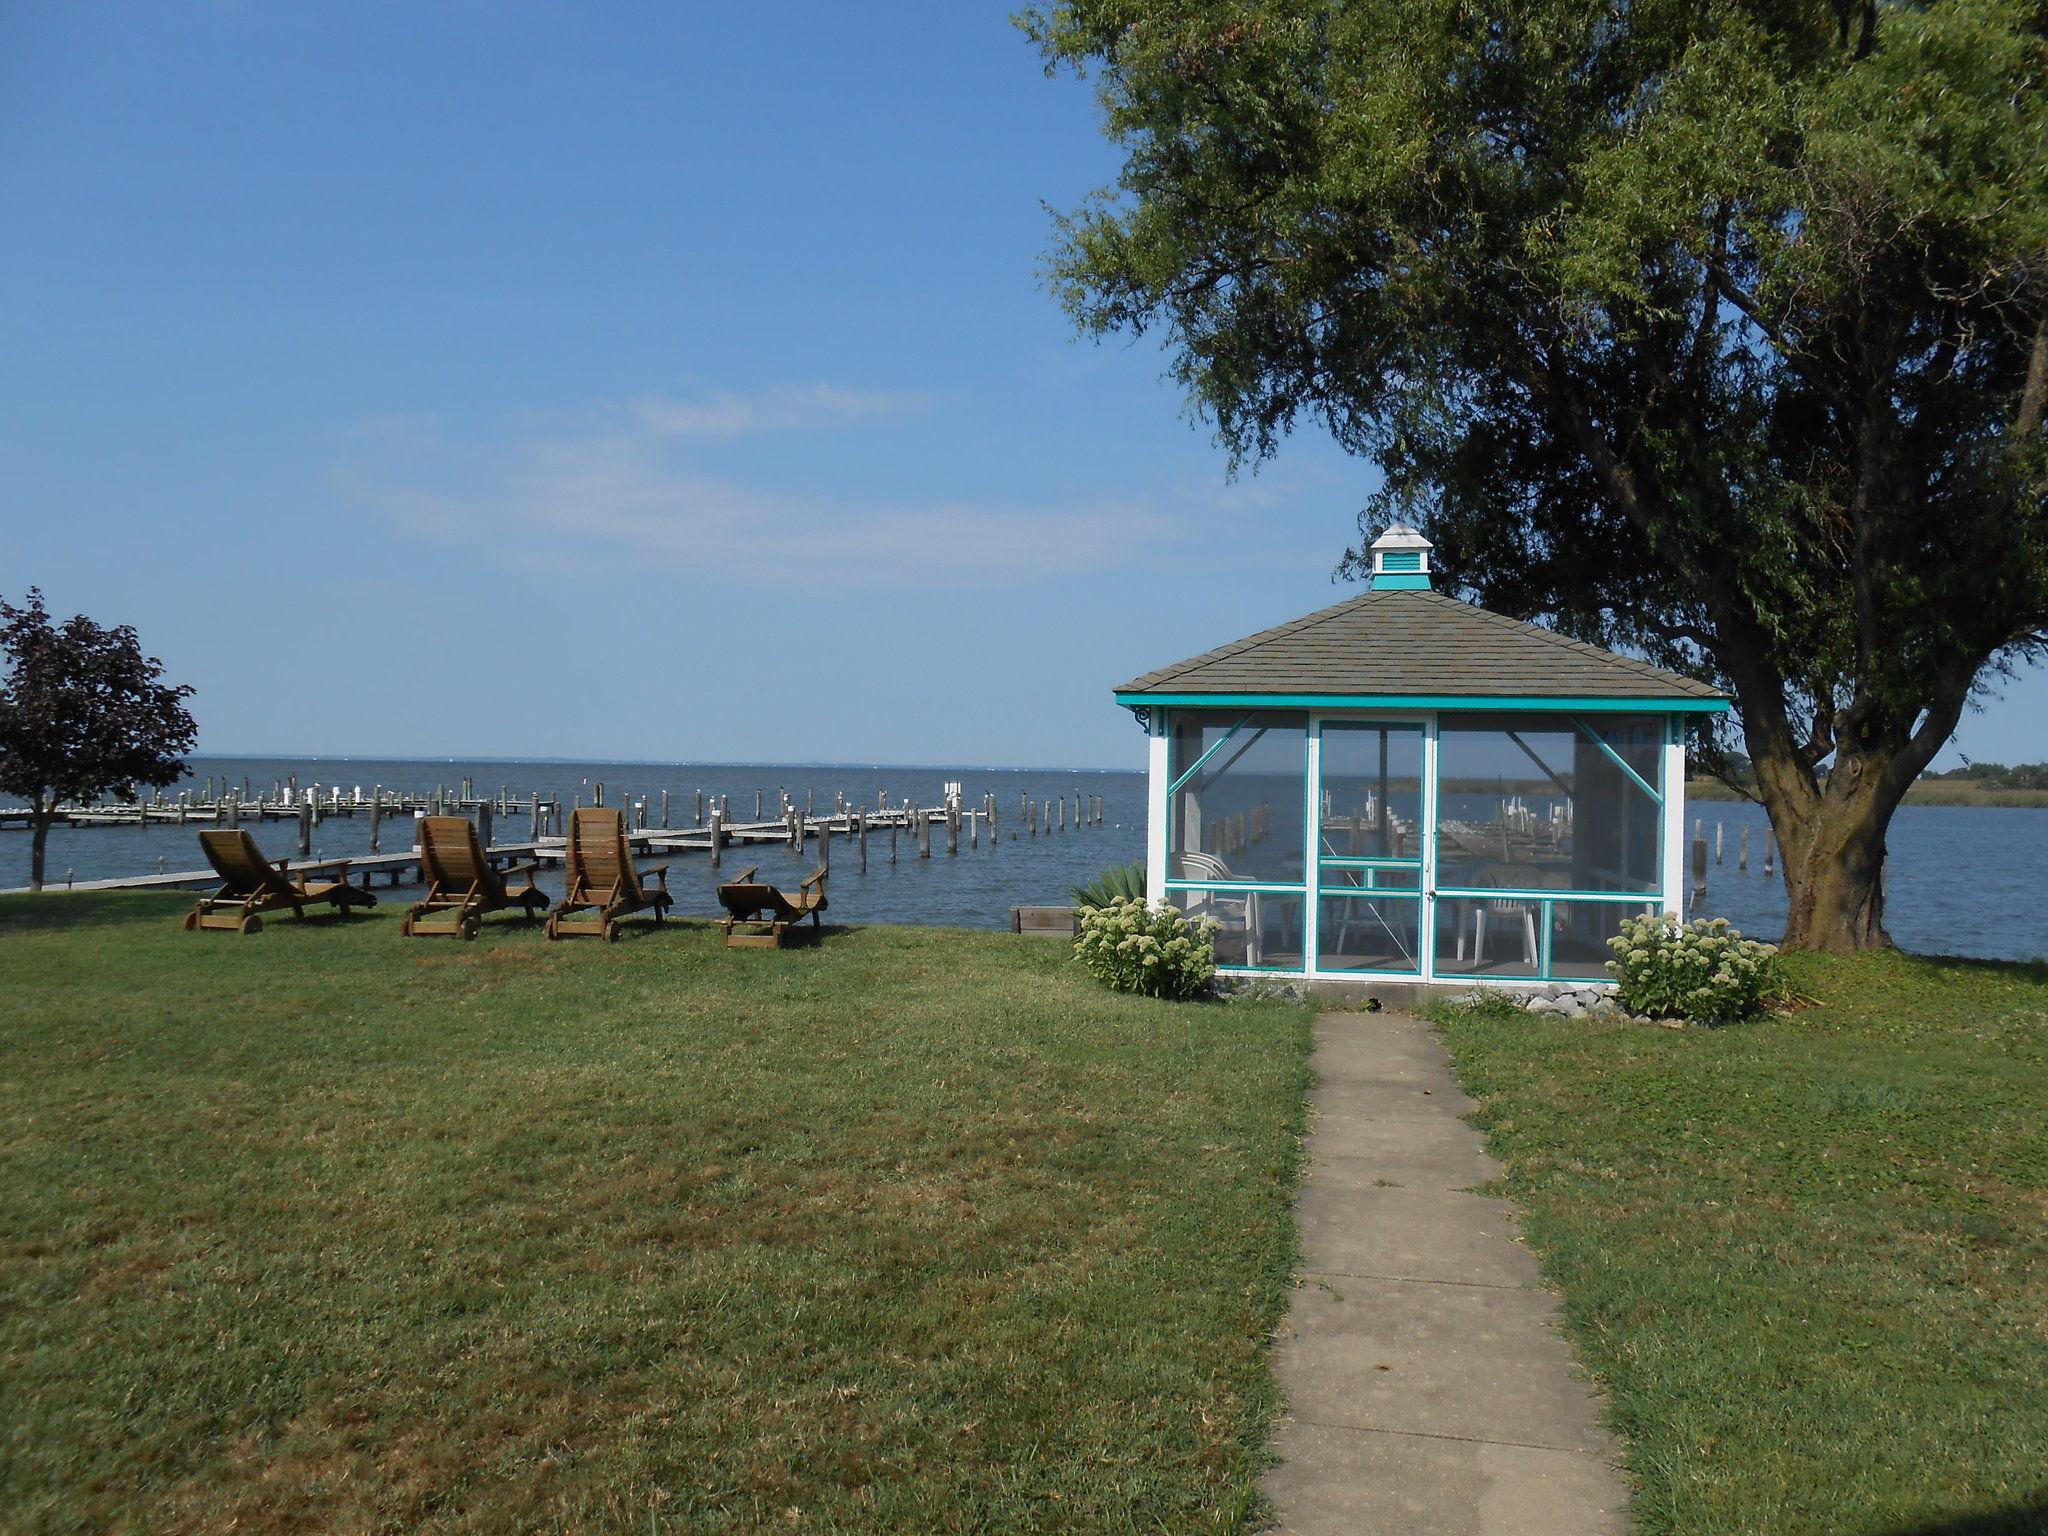 Moonlight Bay Inn & Marina, Inc. image 0